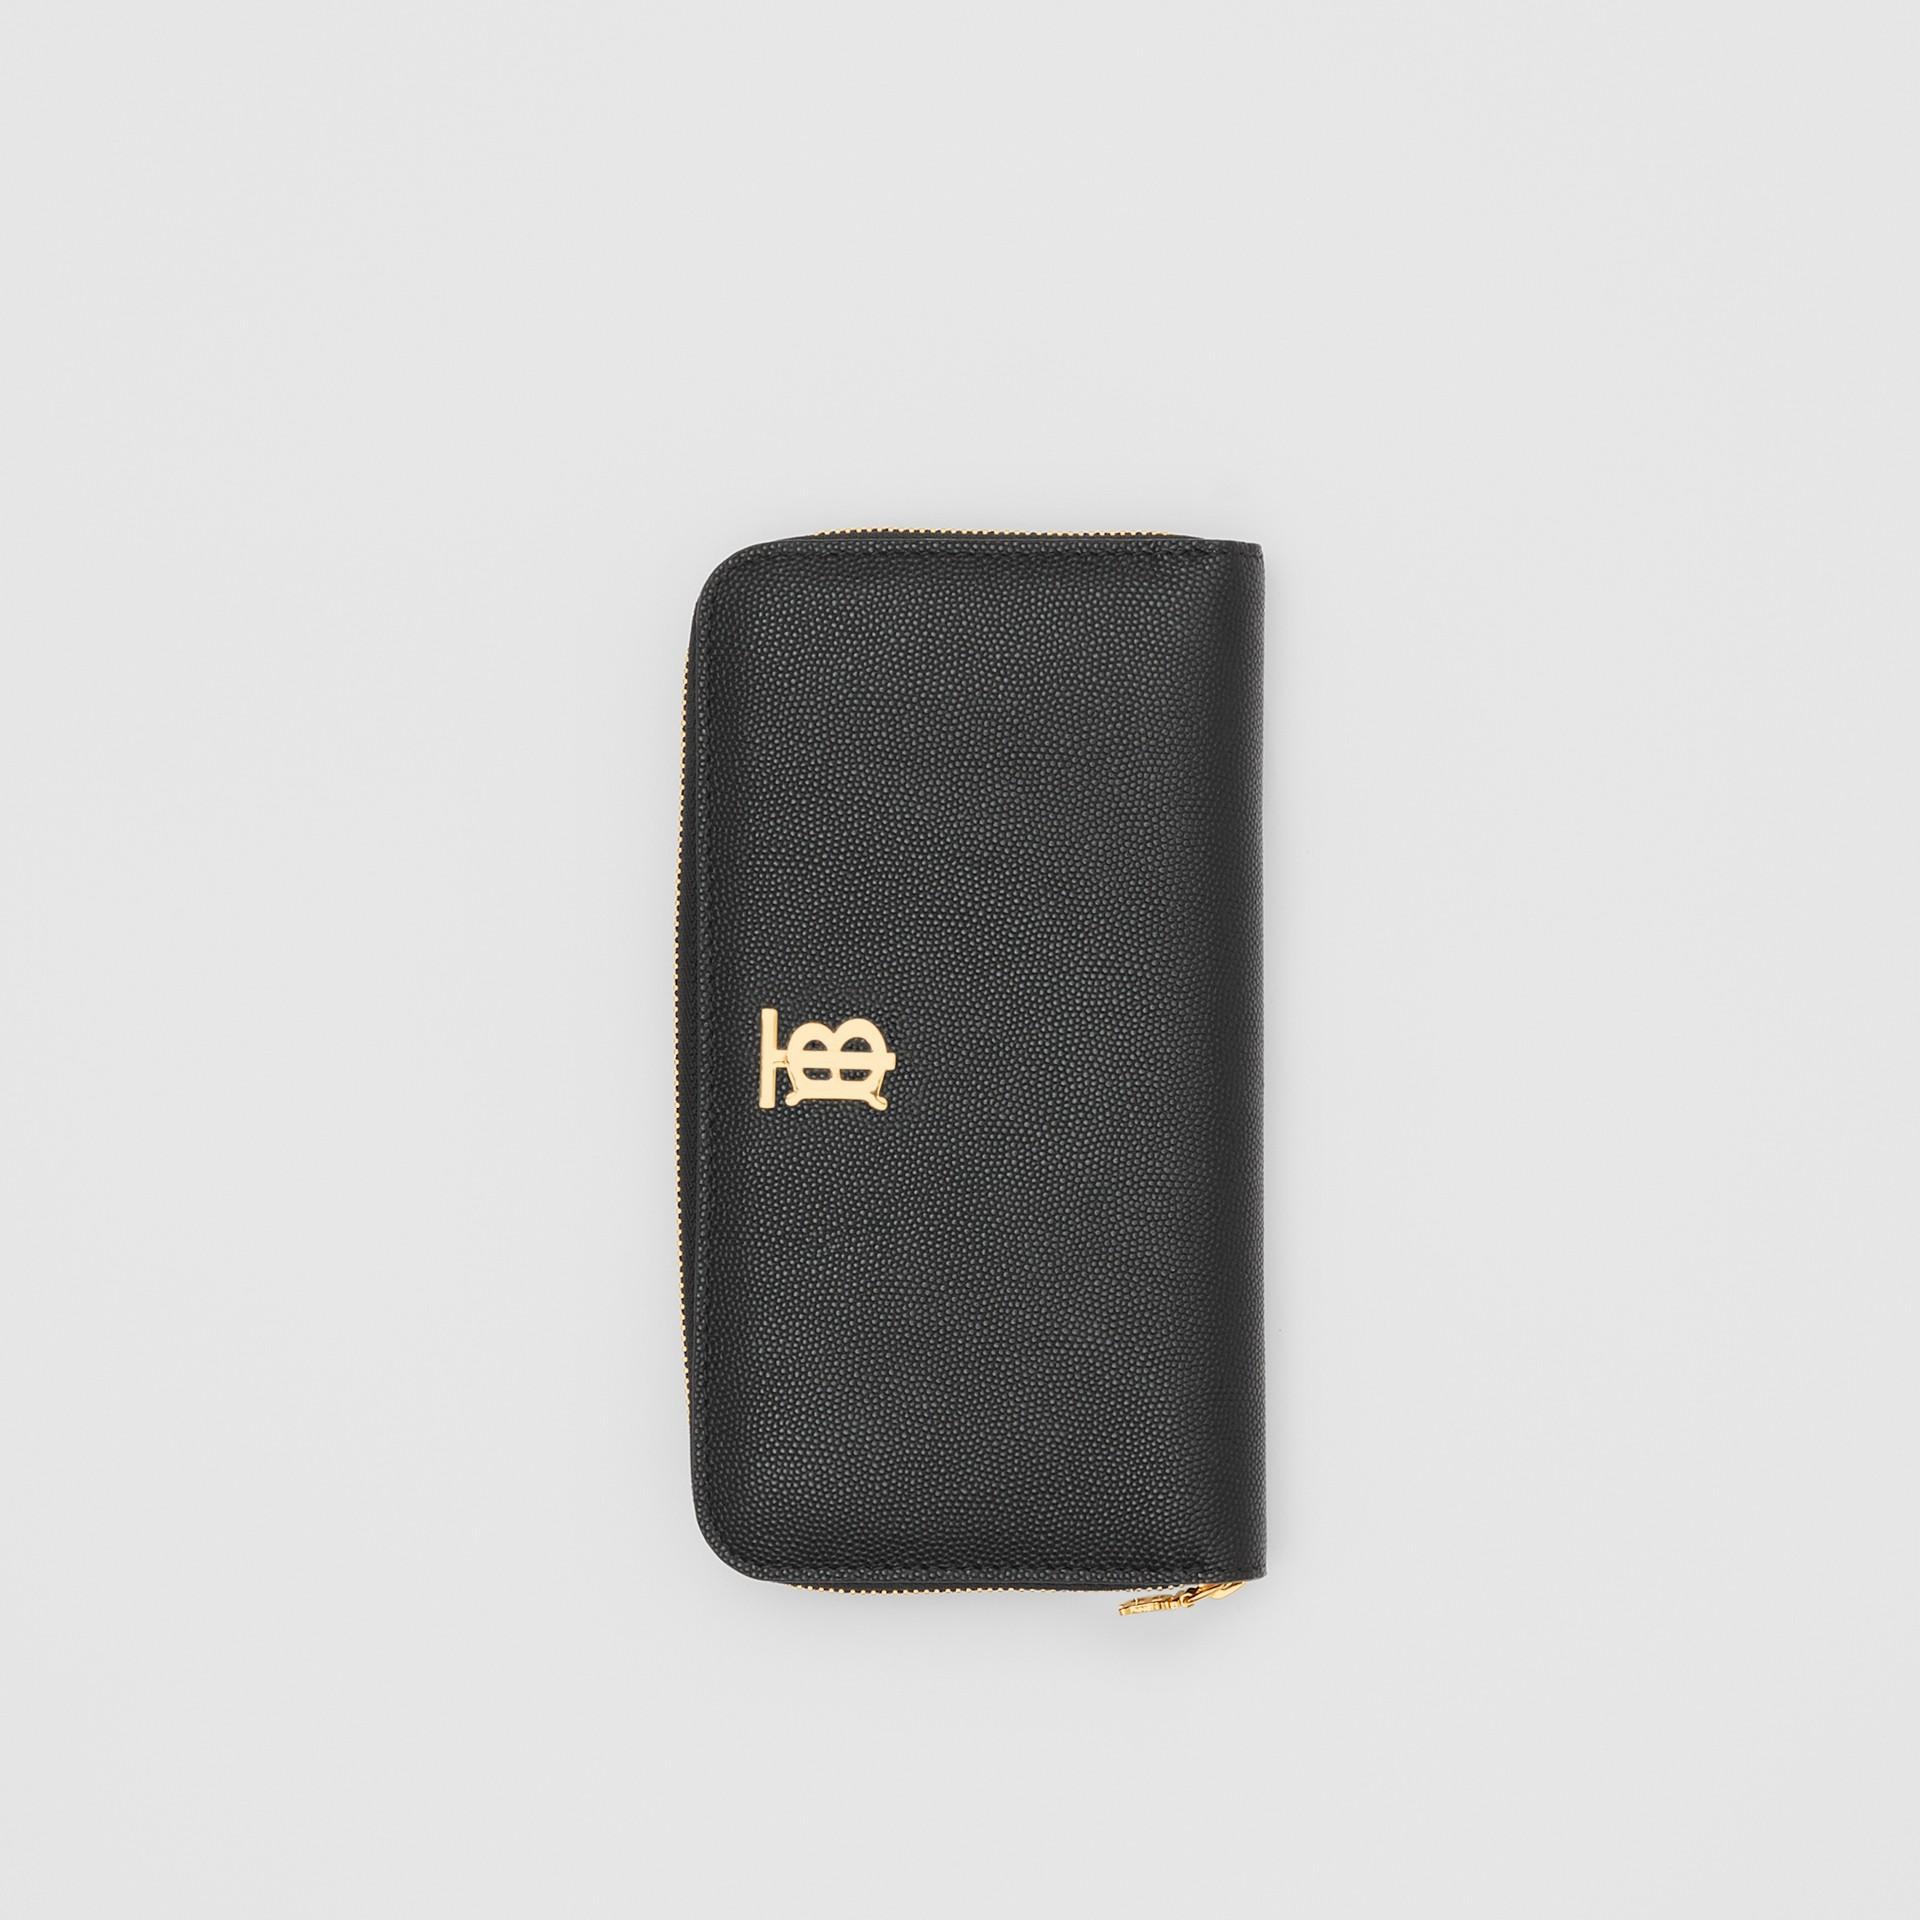 Portefeuille zippé en cuir grainé Monogram (Noir) - Femme | Burberry Canada - photo de la galerie 2